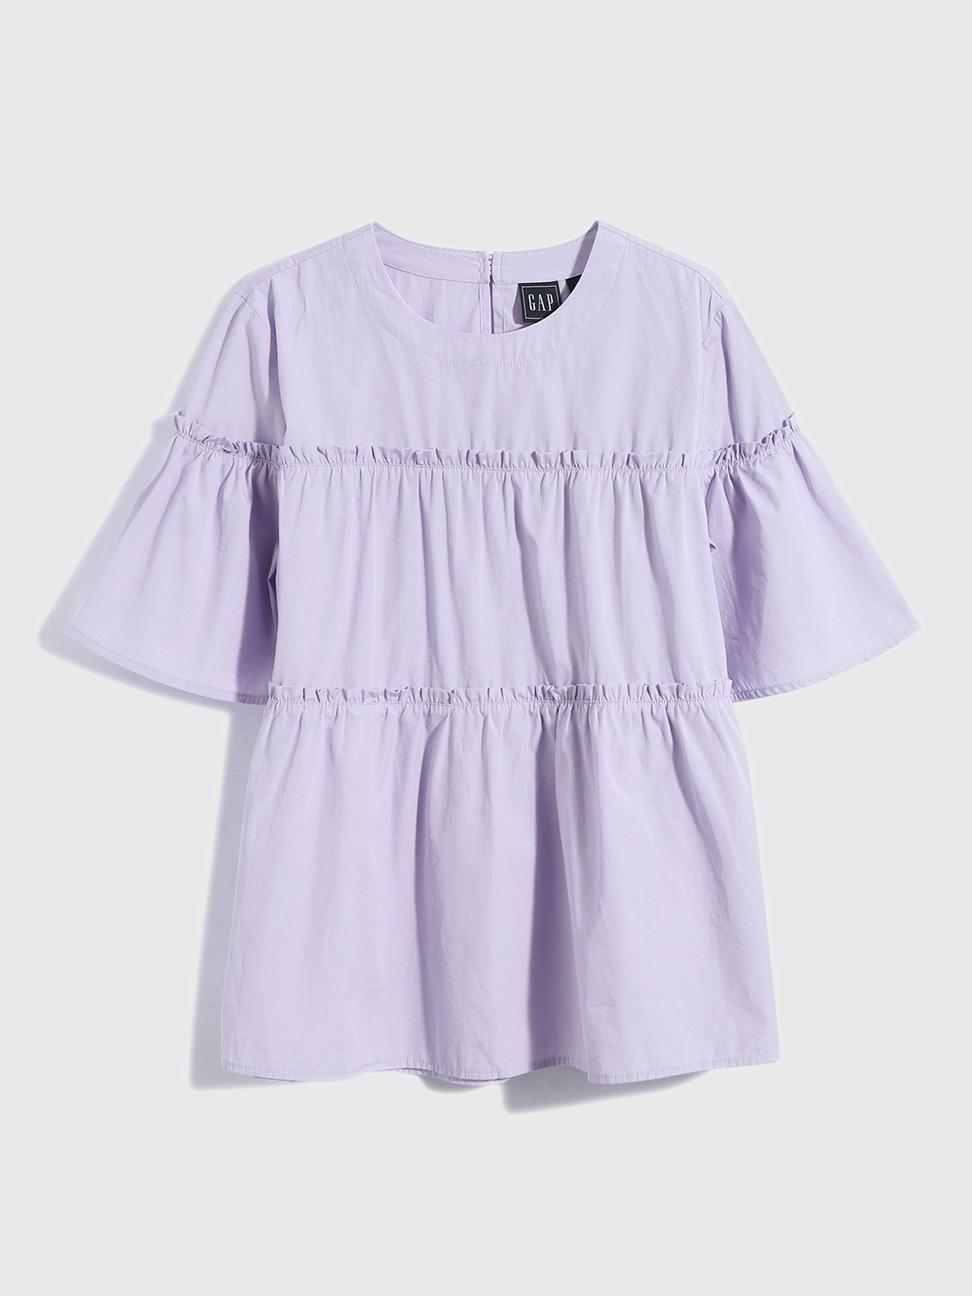 女裝 純棉寬鬆圓領短袖襯衫